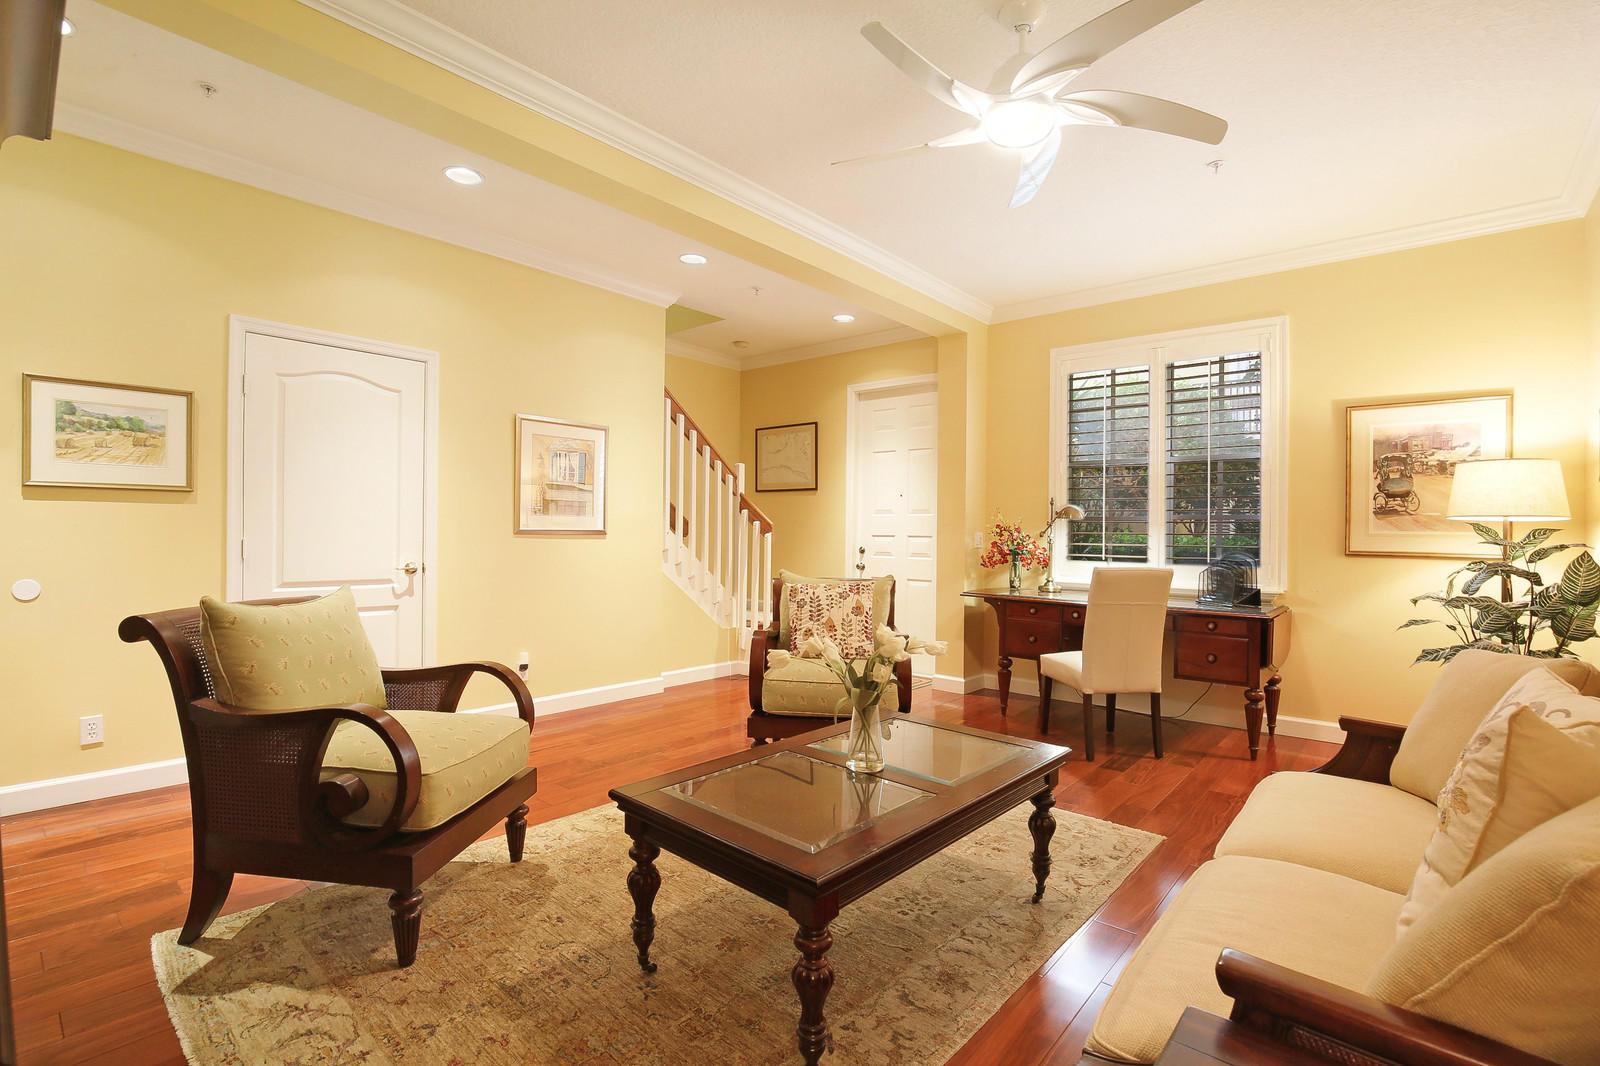 65 5th Avenue, Delray Beach, Florida 33483, 3 Bedrooms Bedrooms, ,3 BathroomsBathrooms,Rental,For Rent,5th,RX-10612820